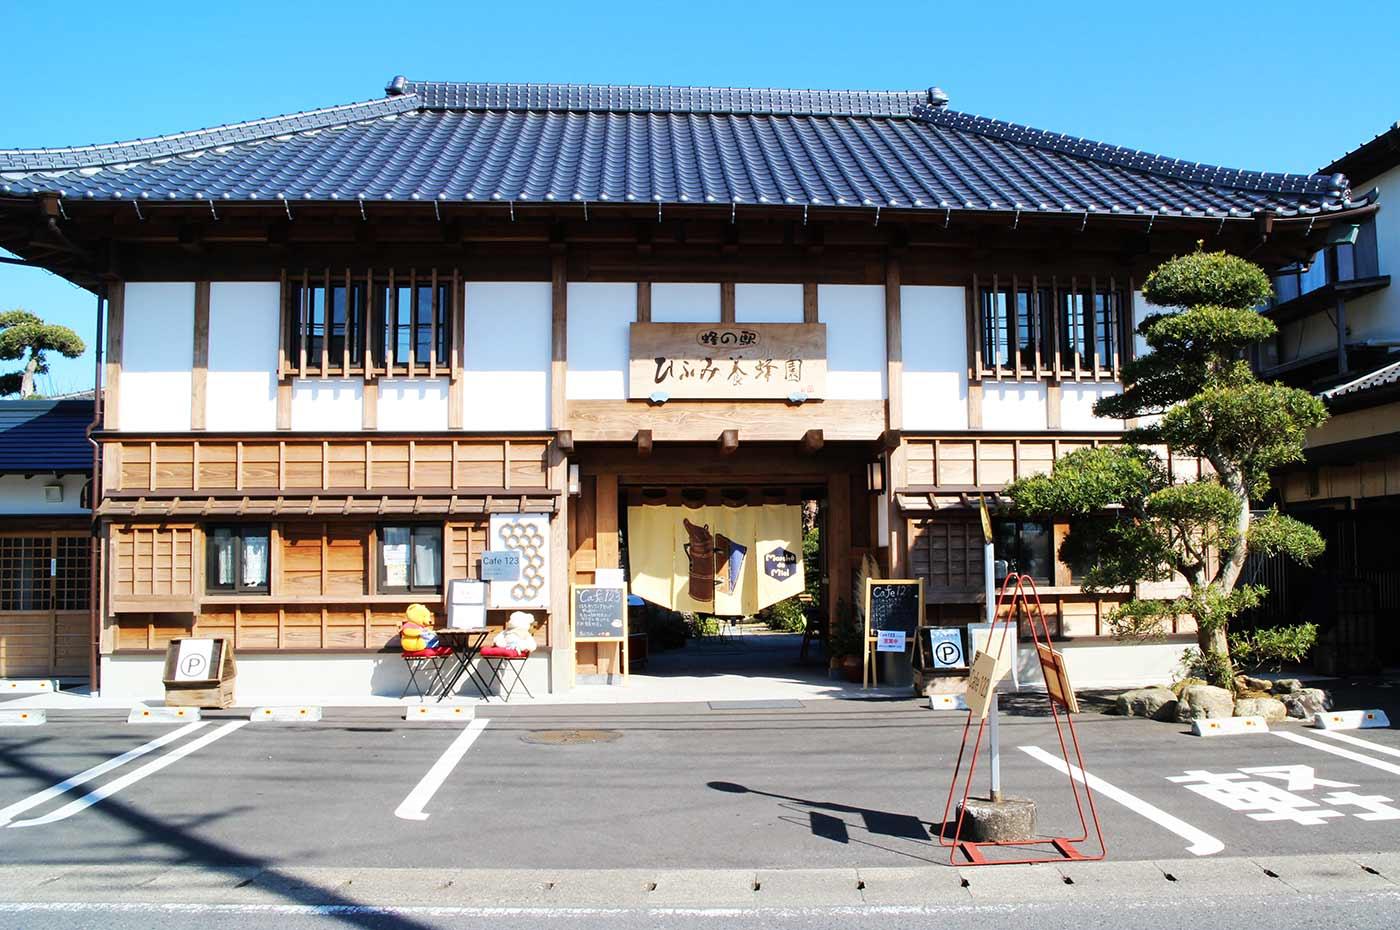 ひふみ養蜂園 カフェ123の外観画像